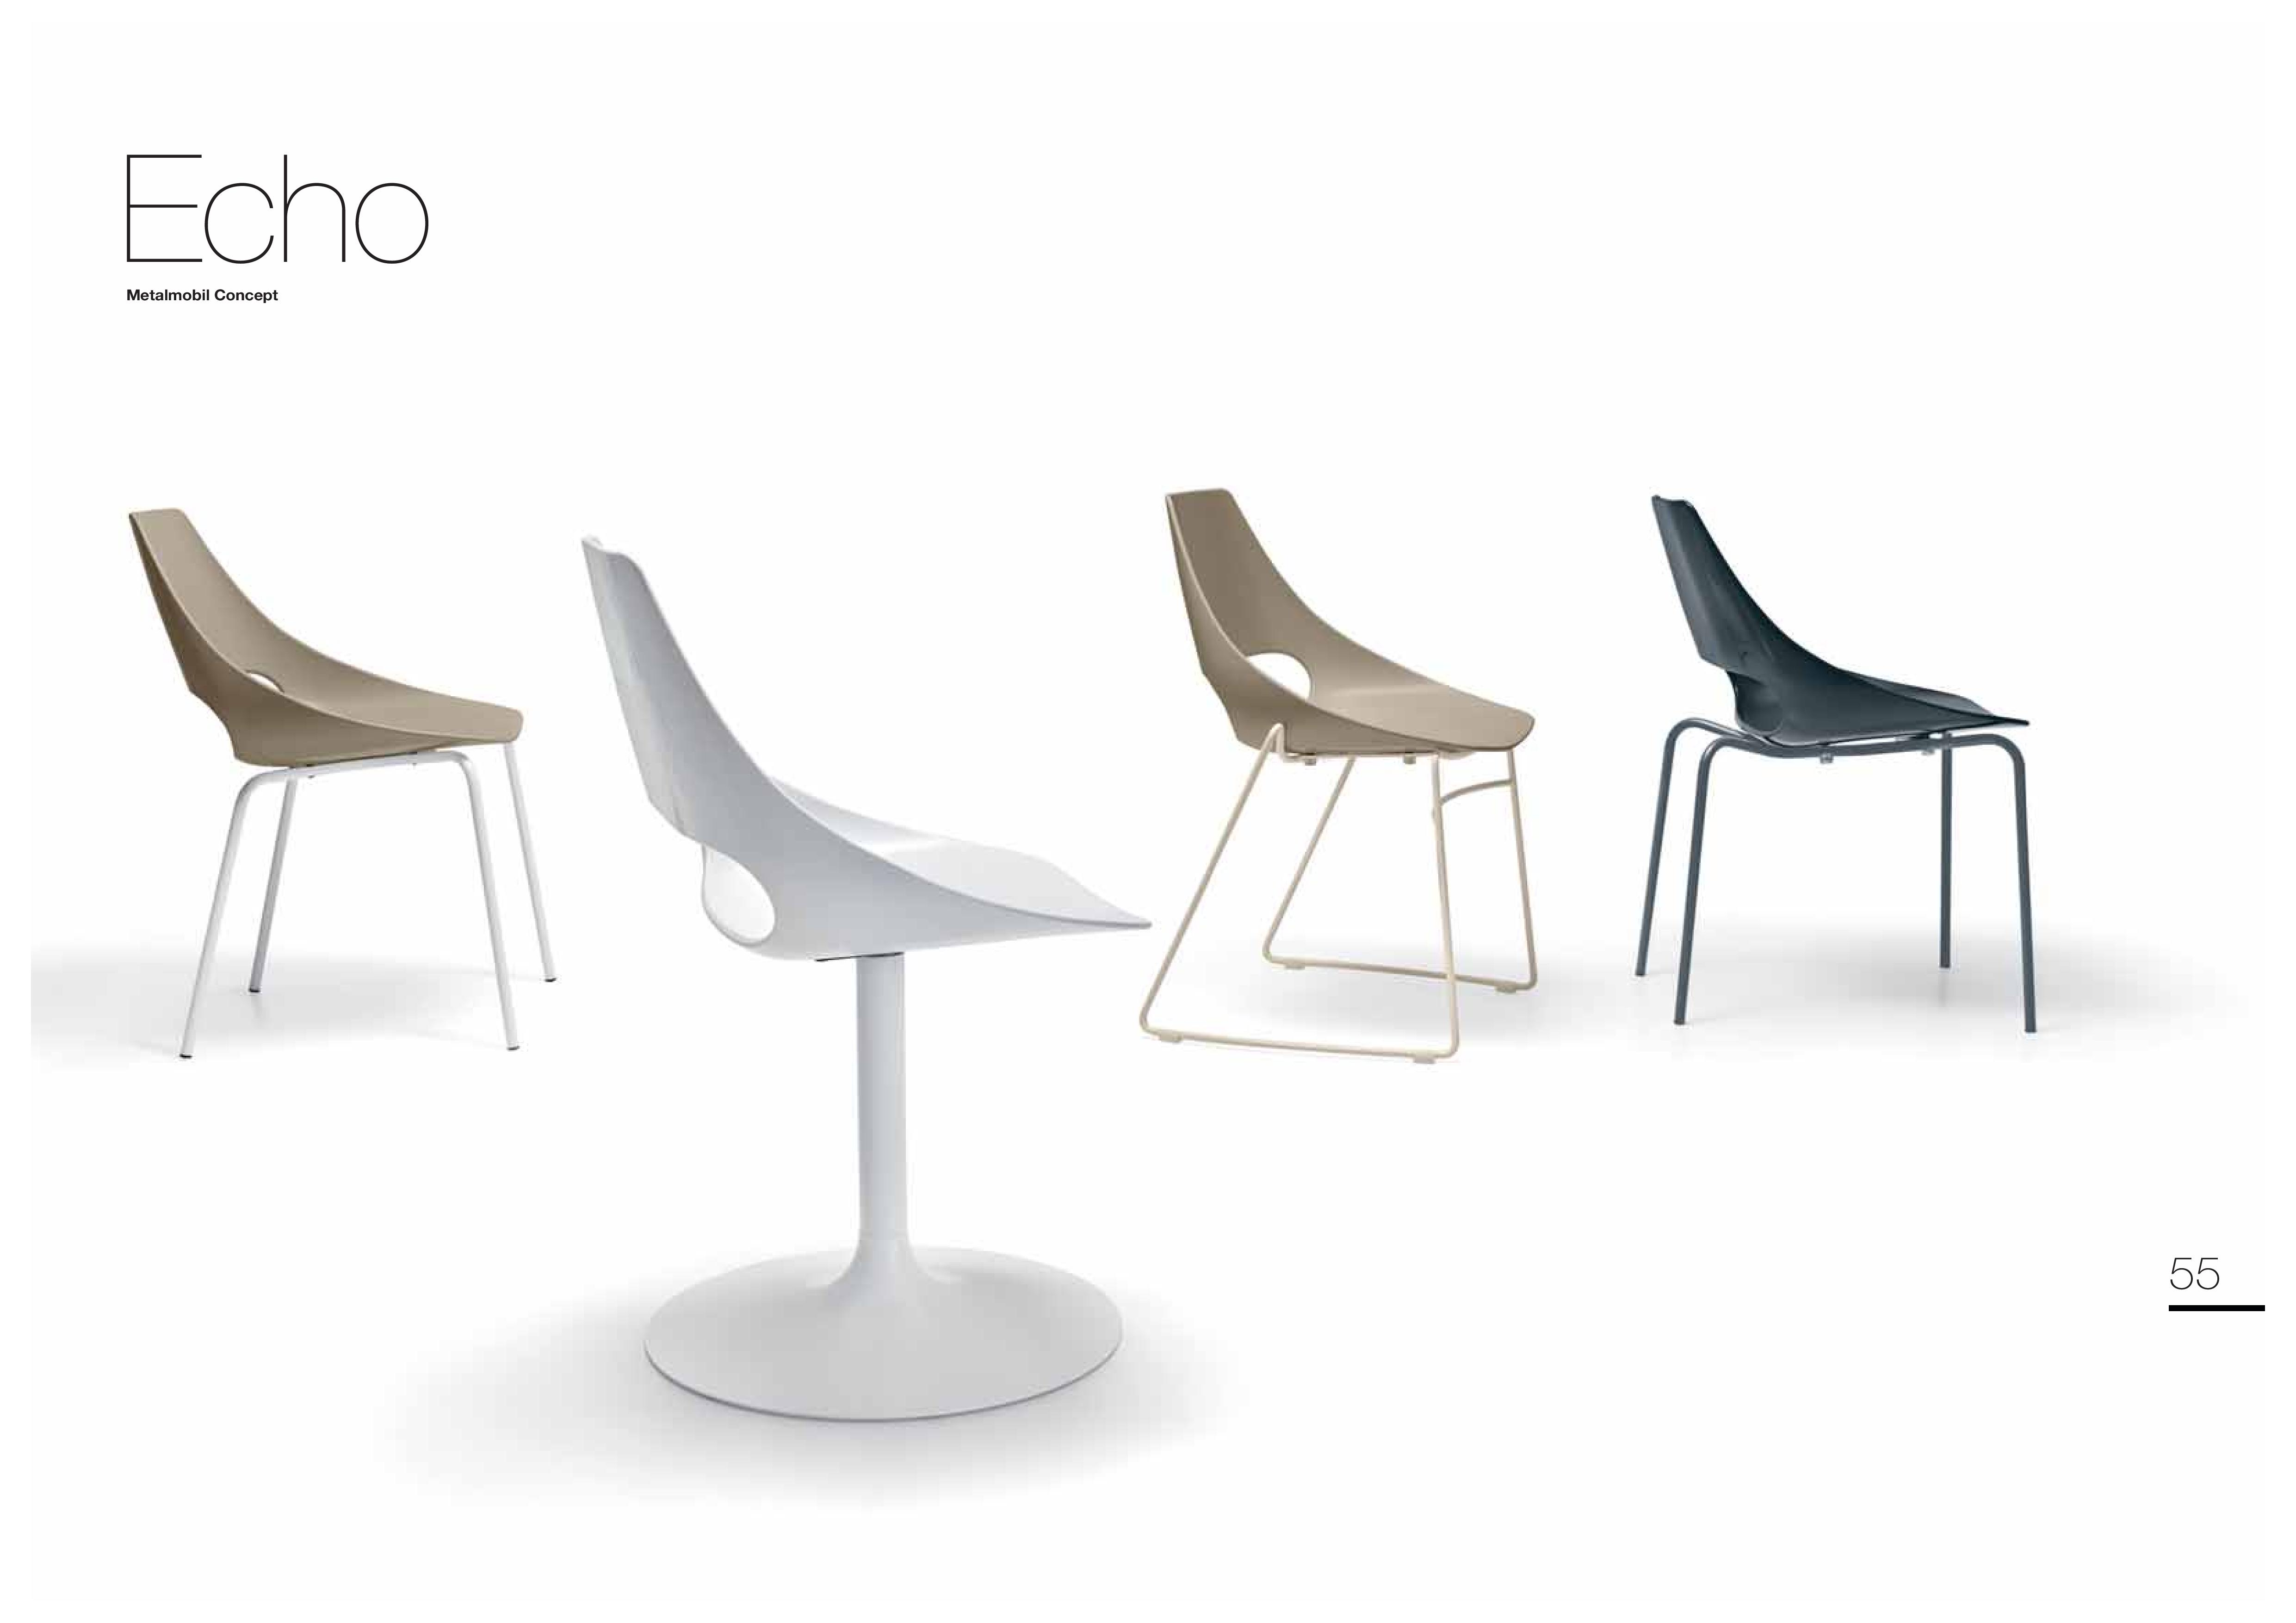 krzesła włoskie Echo Metalmobil